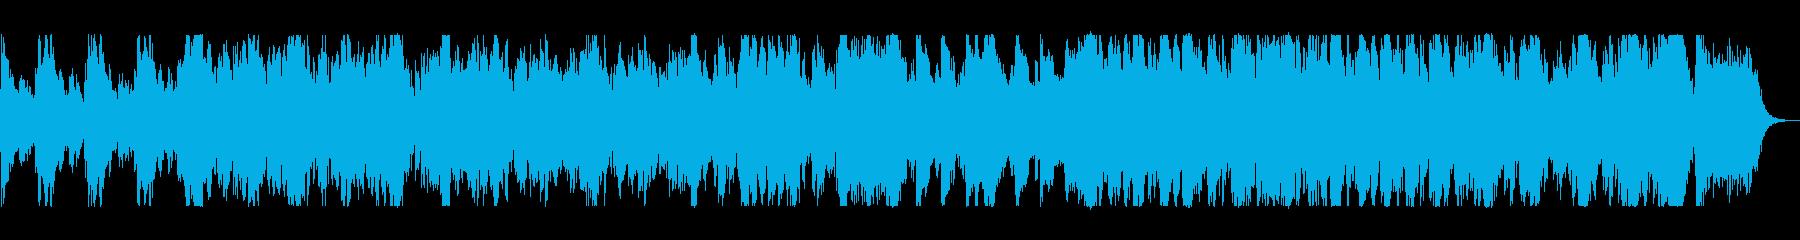 壮大な迫力の弦楽器シンフォニーテクノの再生済みの波形